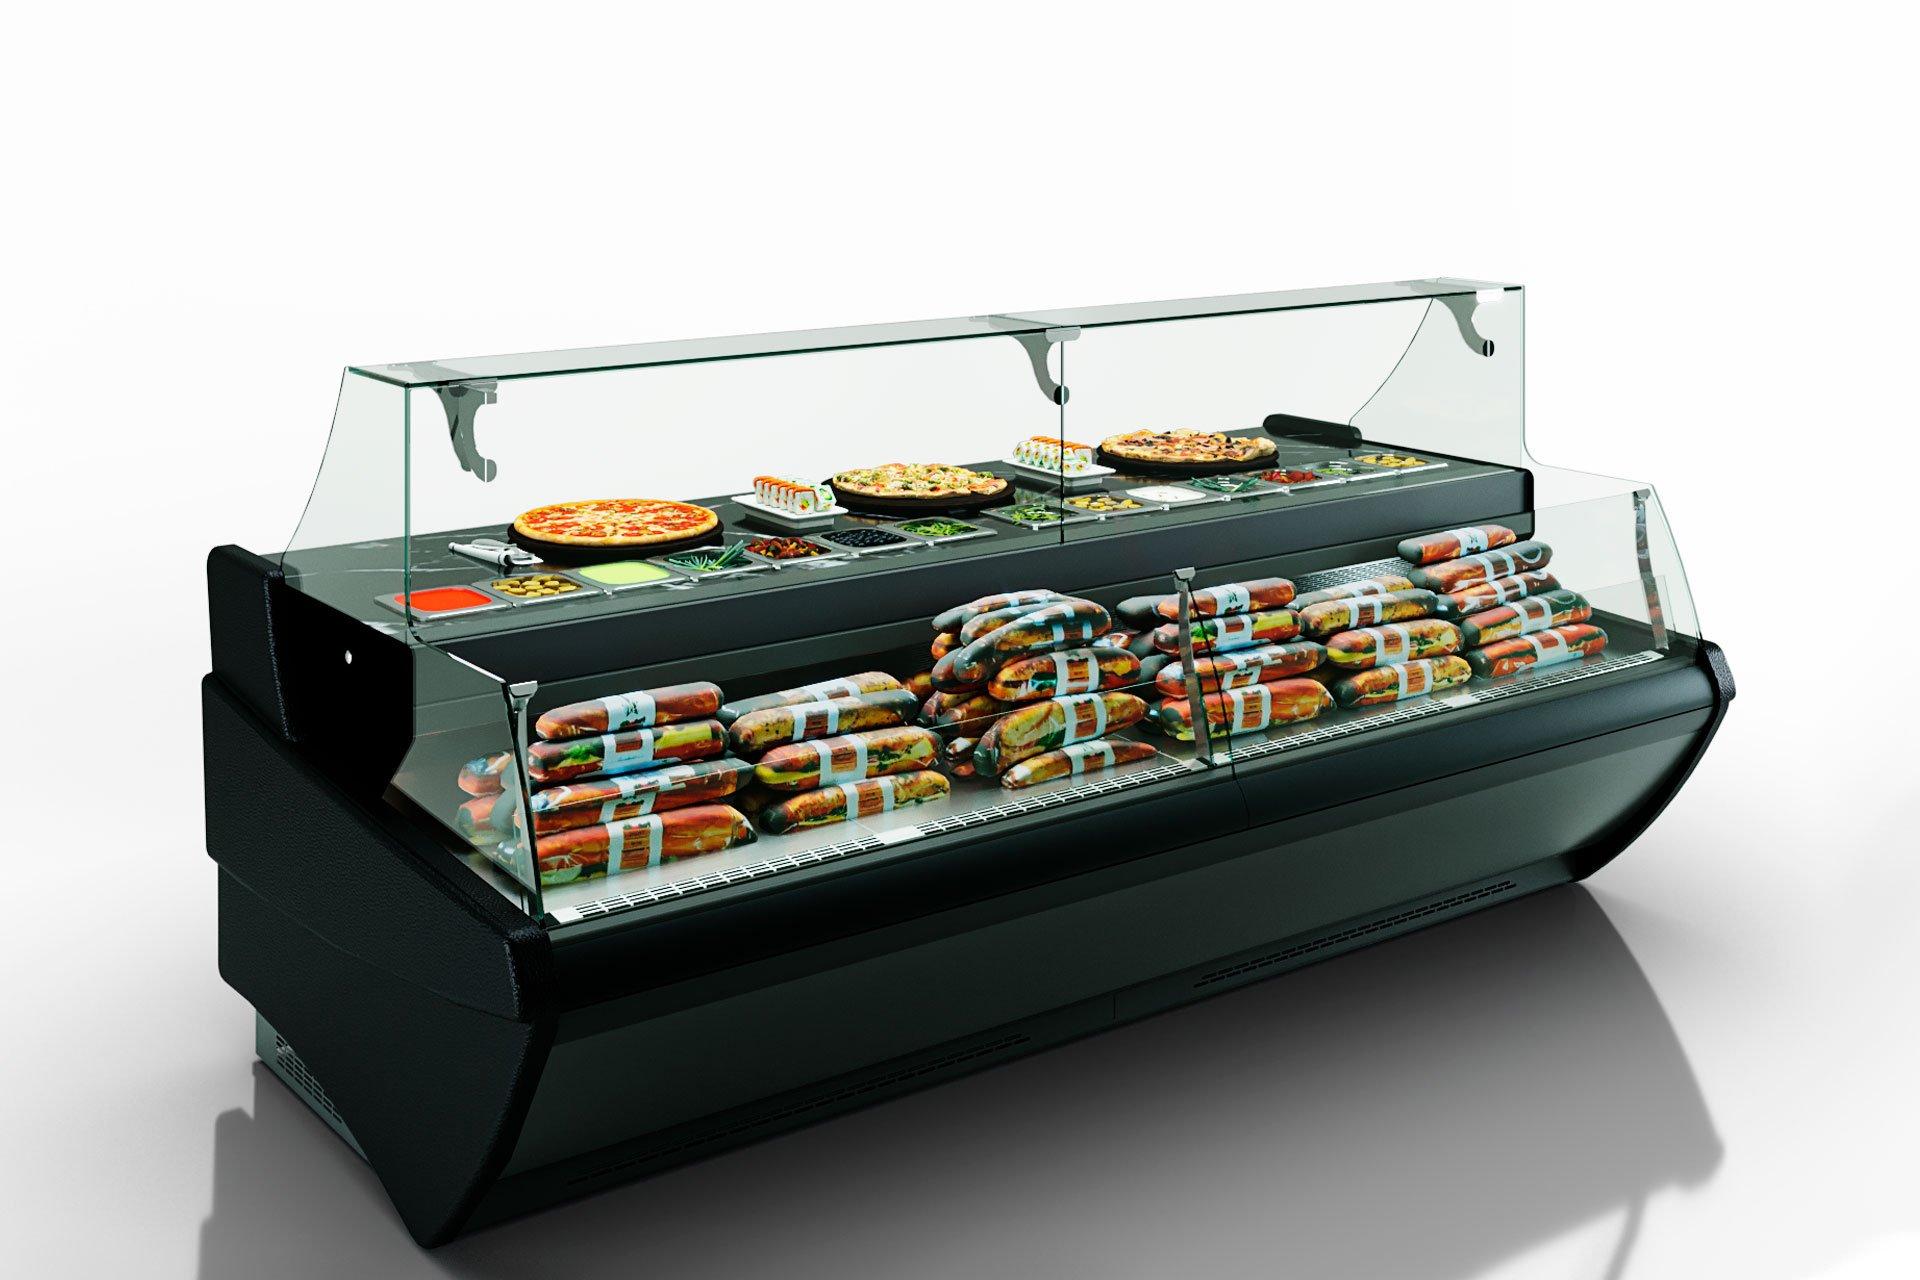 Вітрини Symphony MG 120 sushi/pizza combi L self 125-DBM